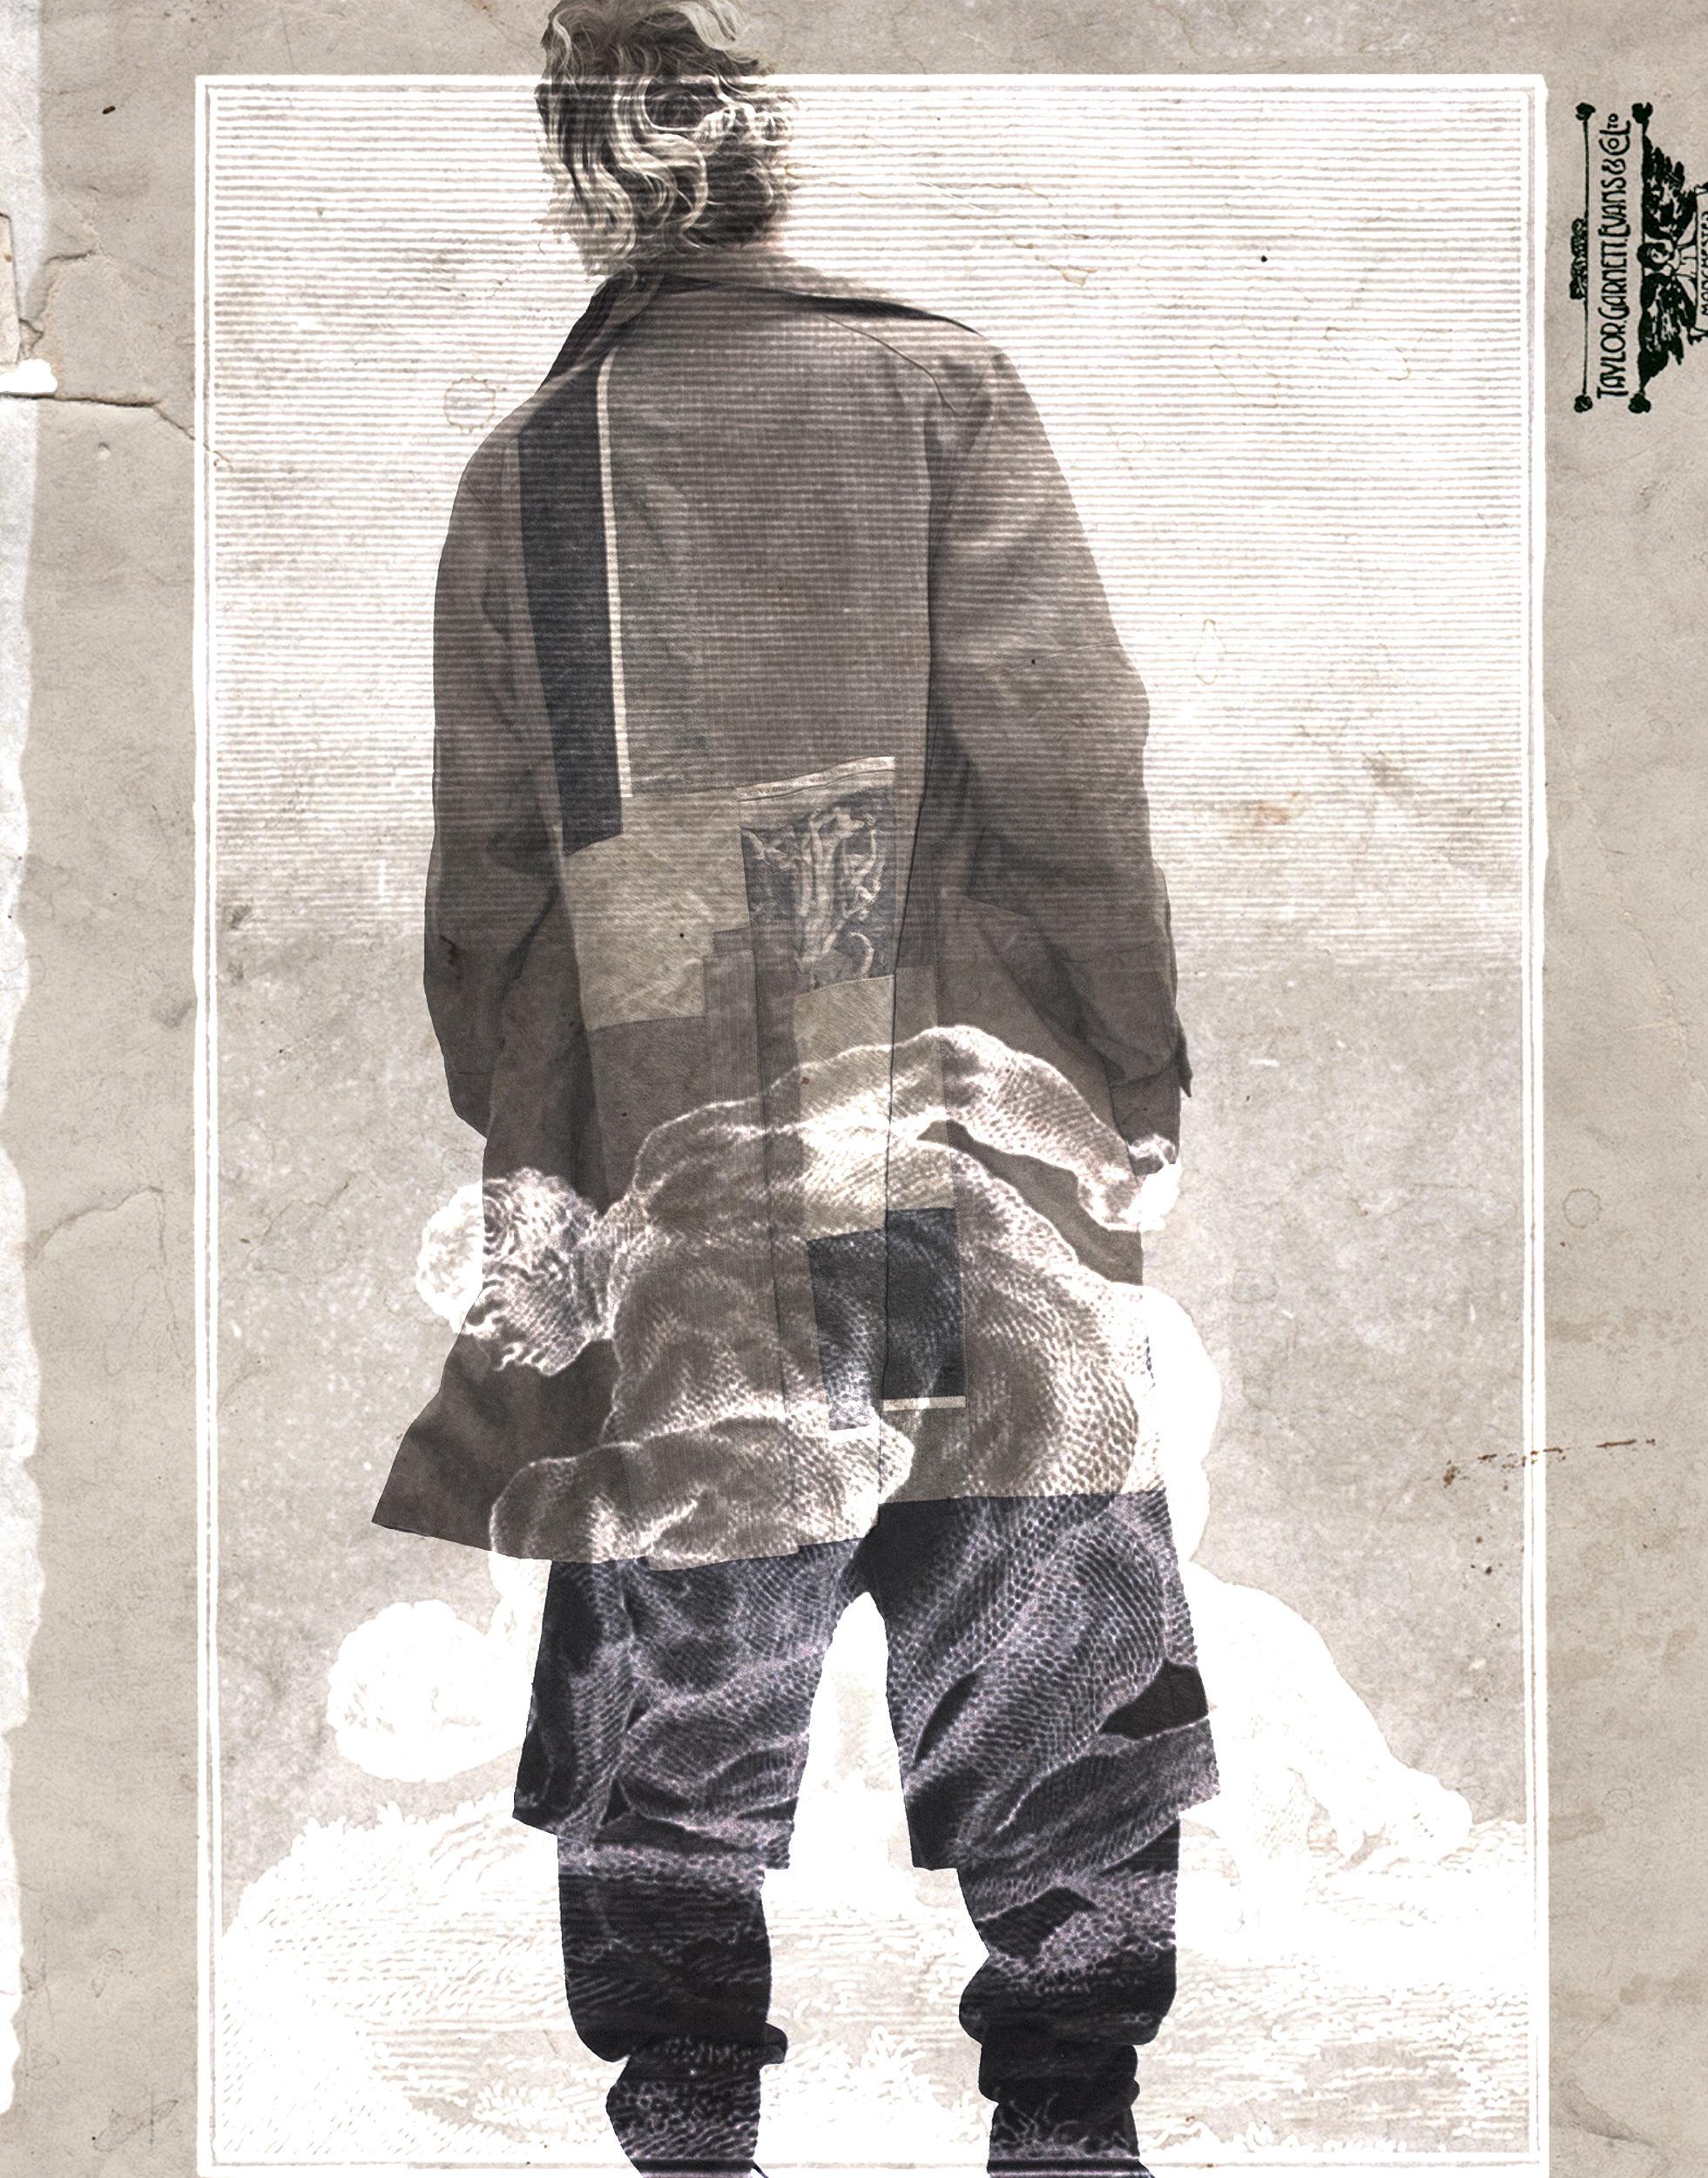 intopaper-Ziggy-Chen-on-Anniversary-Magazine.jpg